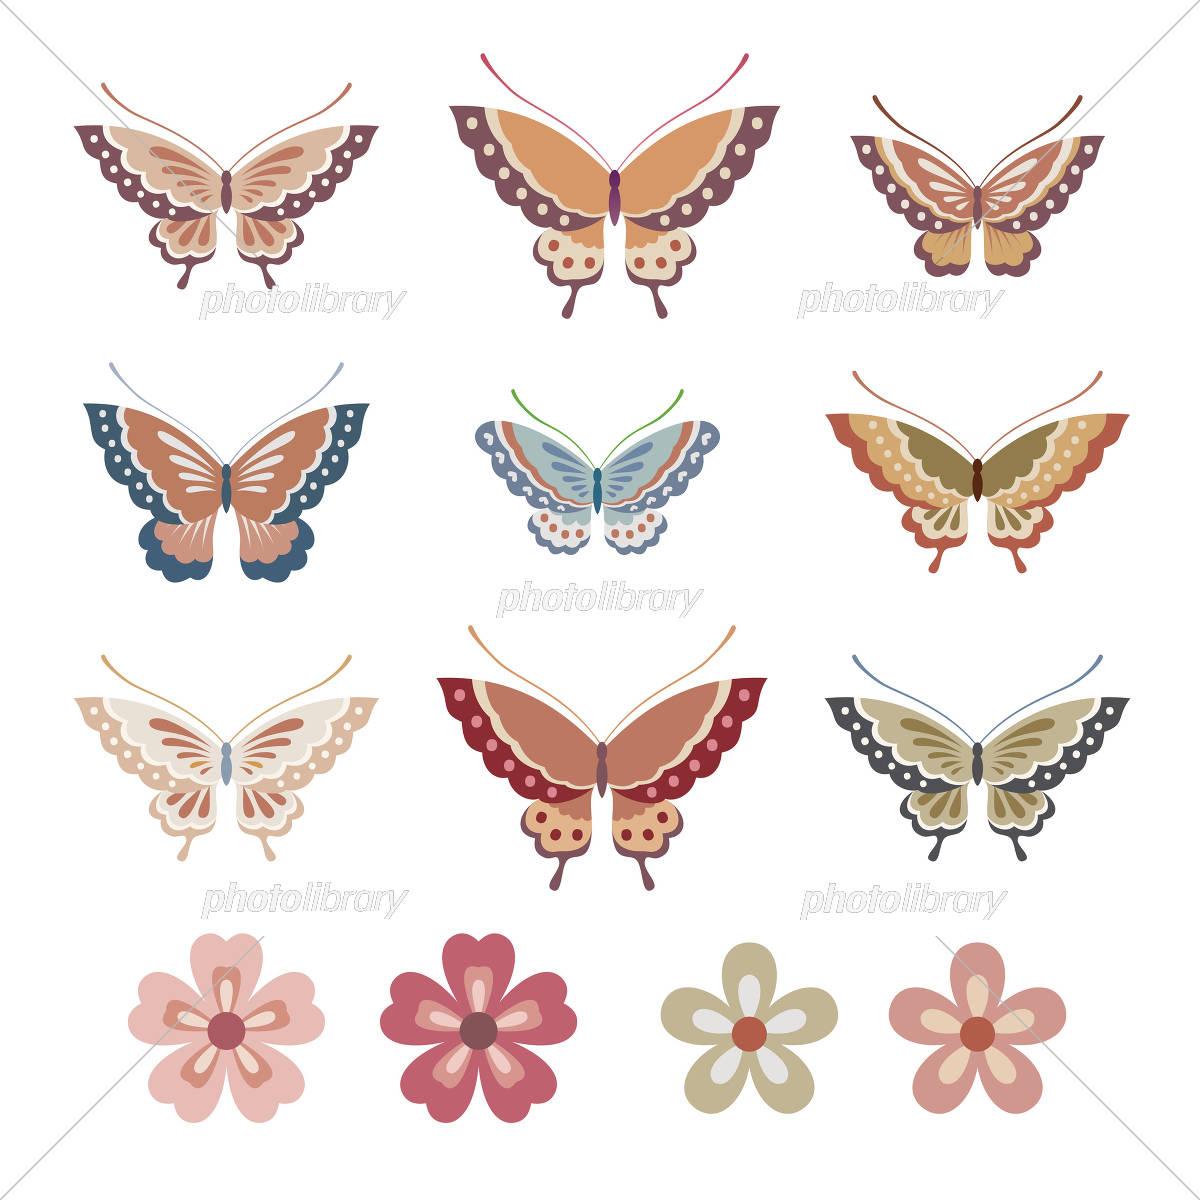 和風の蝶と花イラスト イラスト素材 [ 5502792 ] - フォトライブラリー